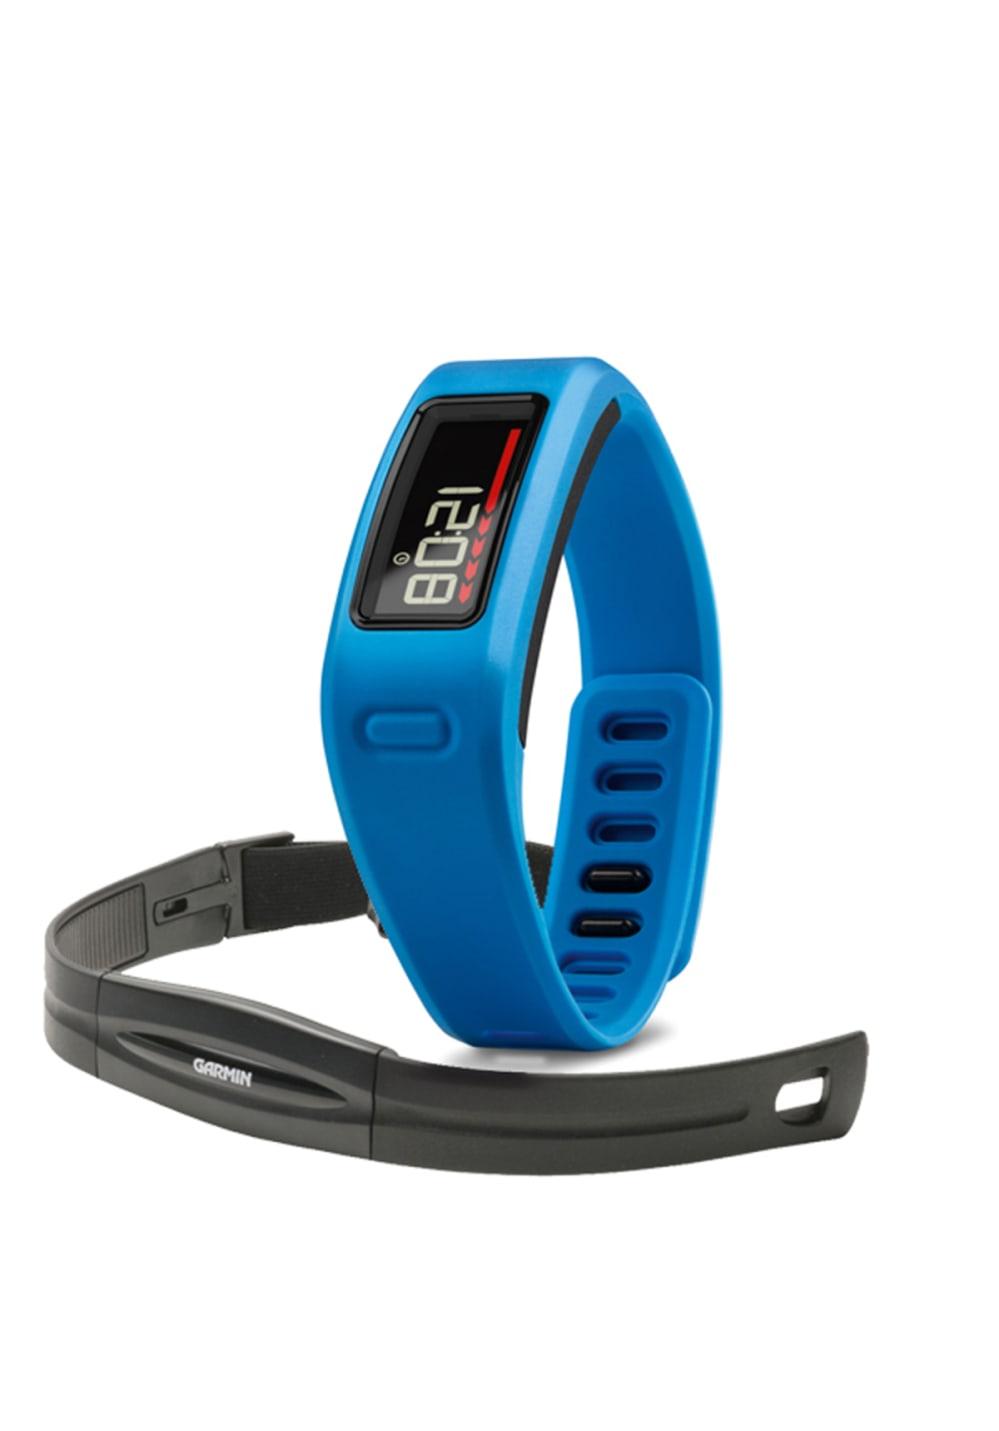 Garmin Vivofit HR Fitnessbänder - Blau